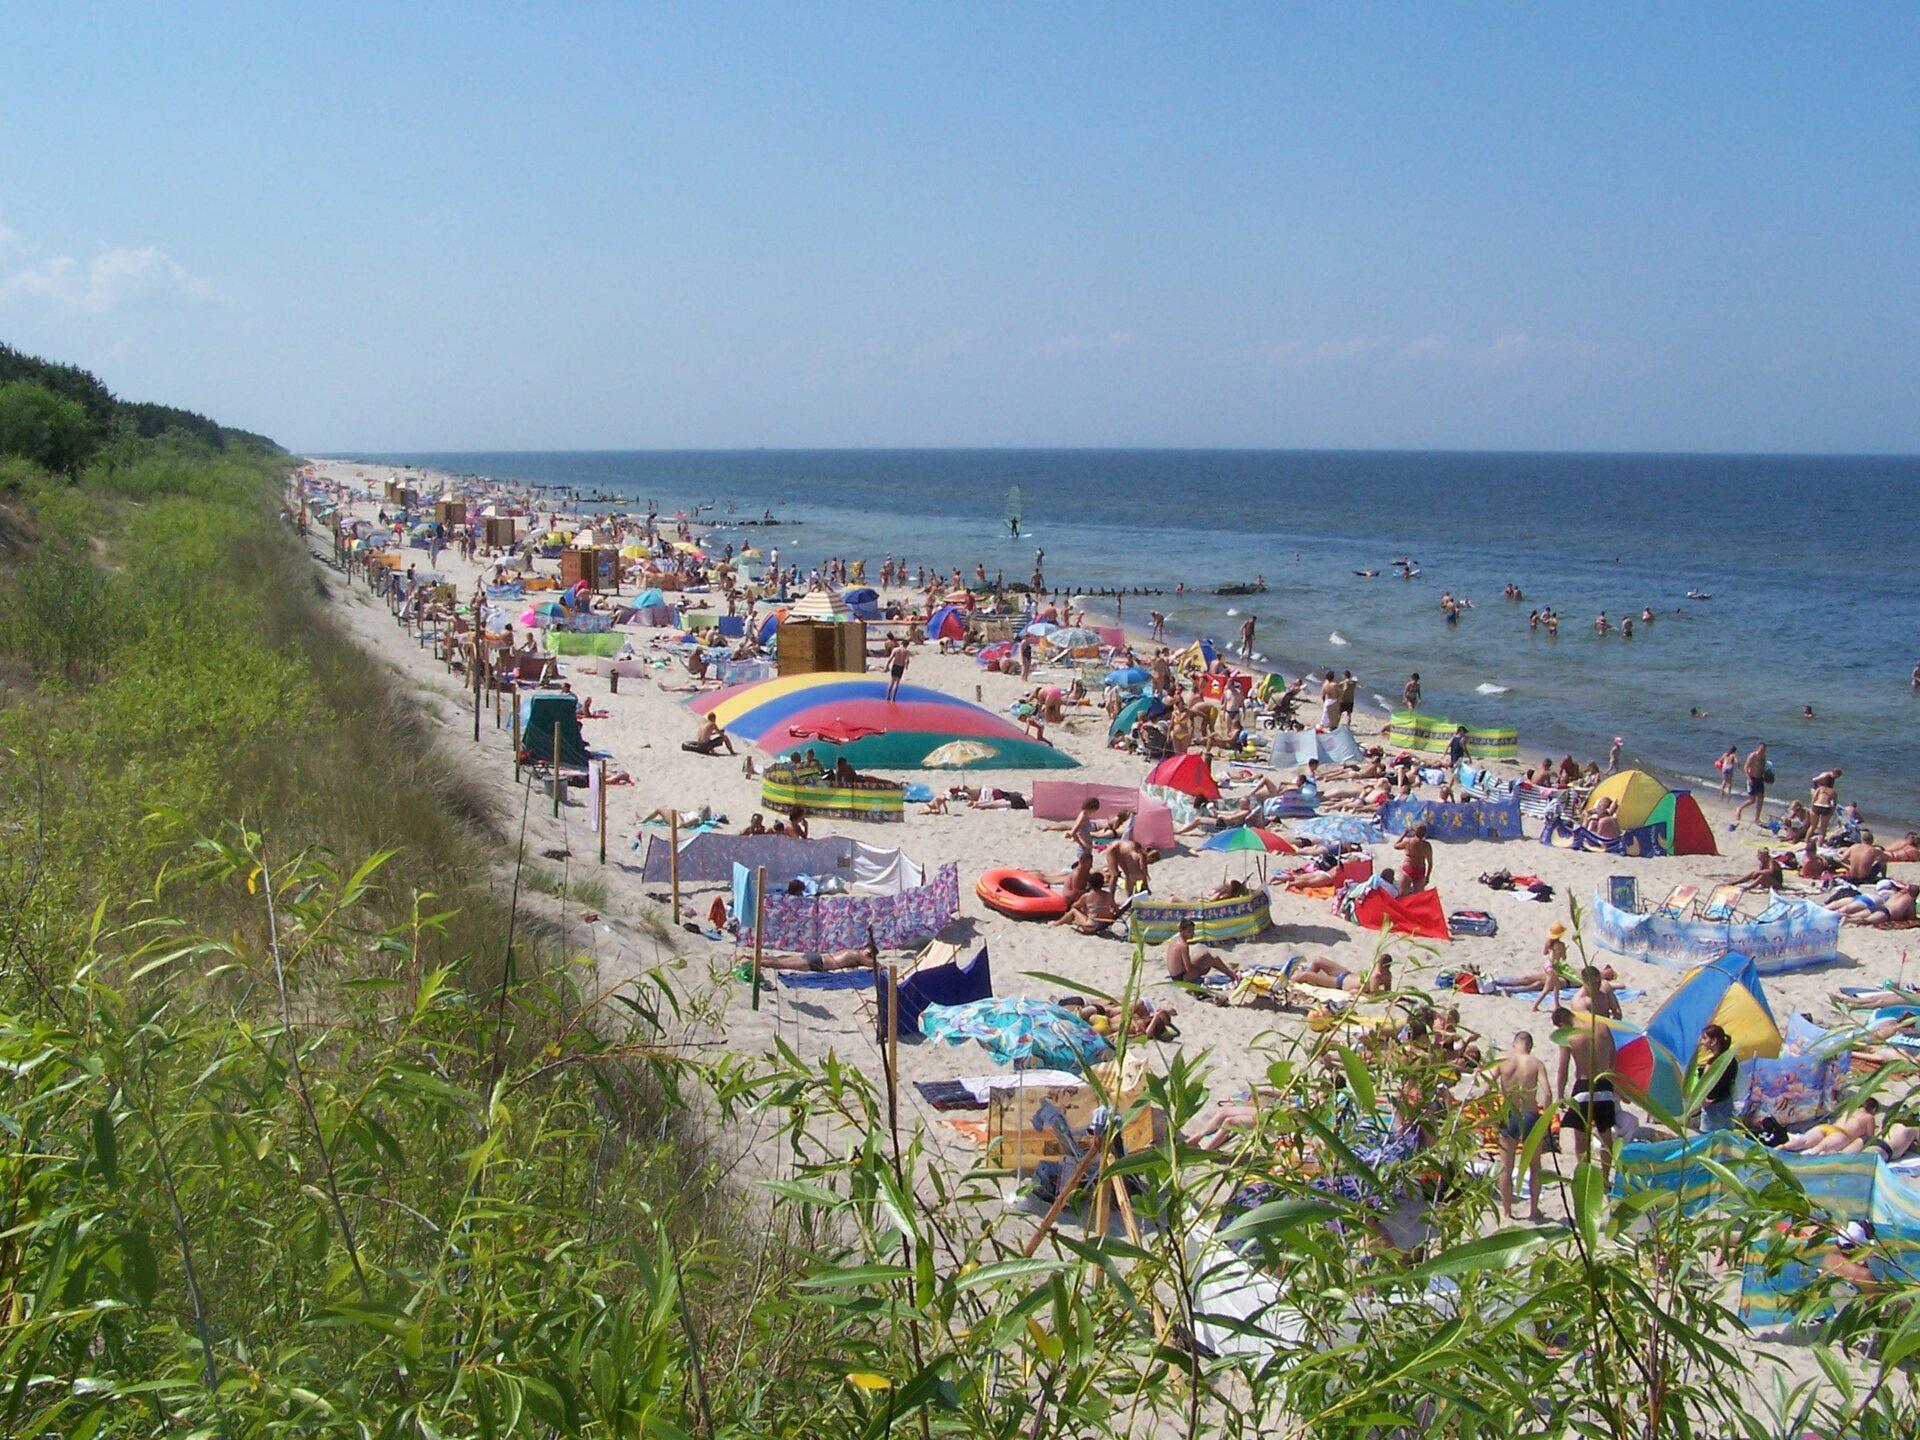 Na zdjęciu brzeg morski, piaszczysta plaża, dużo ludzi, parasole, parawany. Pas trawiastych wydm.